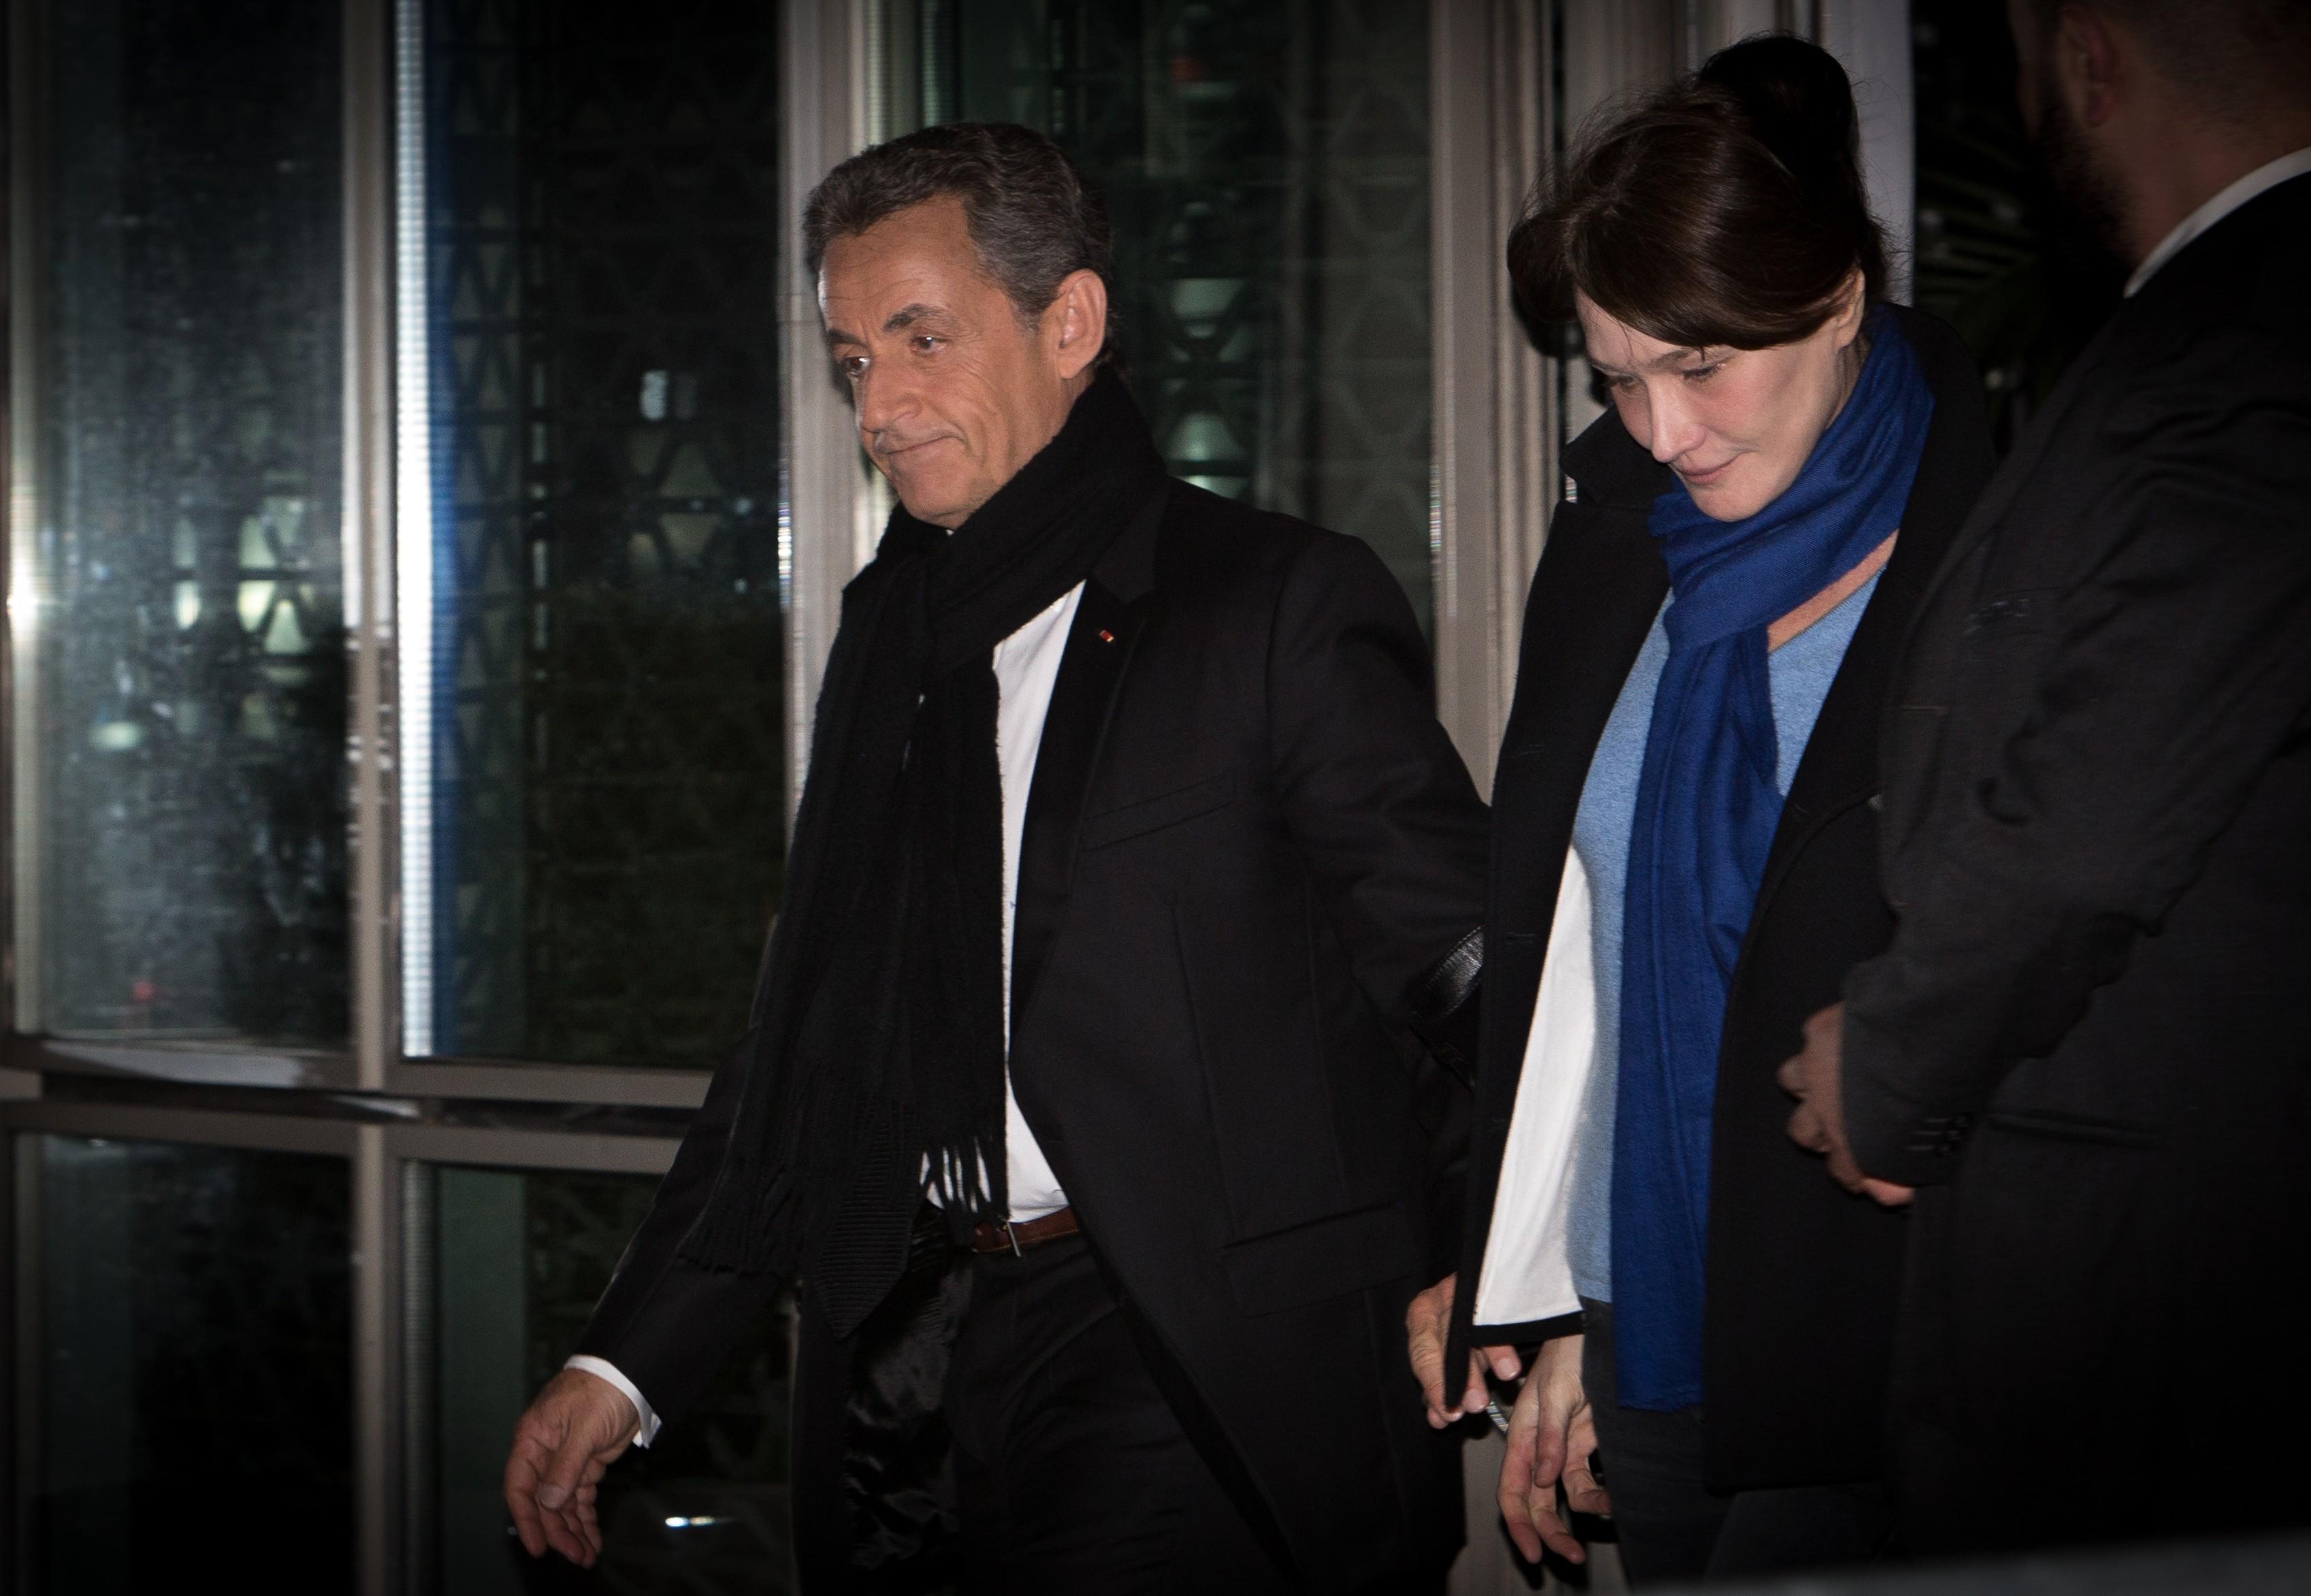 <p>Экс-президент Франции Николя Саркози с супругой Карлой Бруни. Фото: &copy;РИА Новости/Ирина Калашникова</p>